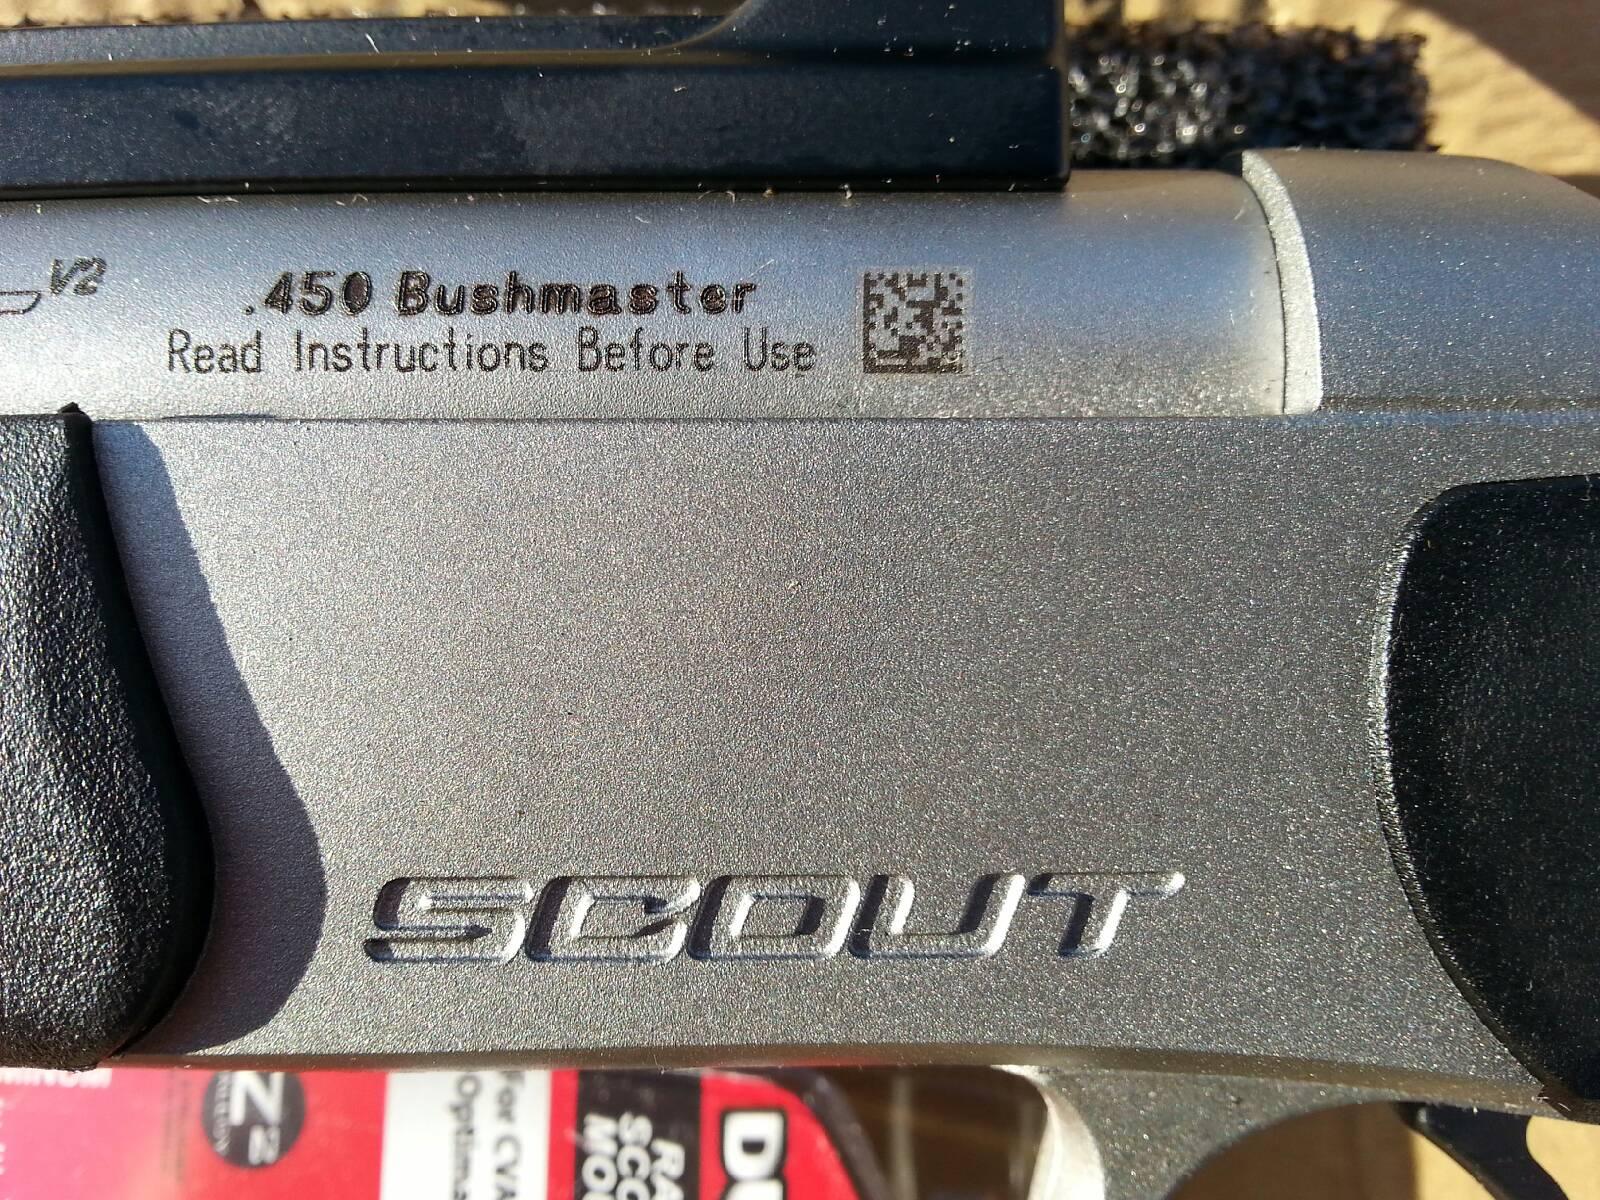 CVA Accura v2 ss 450 muzzle brake | Michigan Sportsman - Online